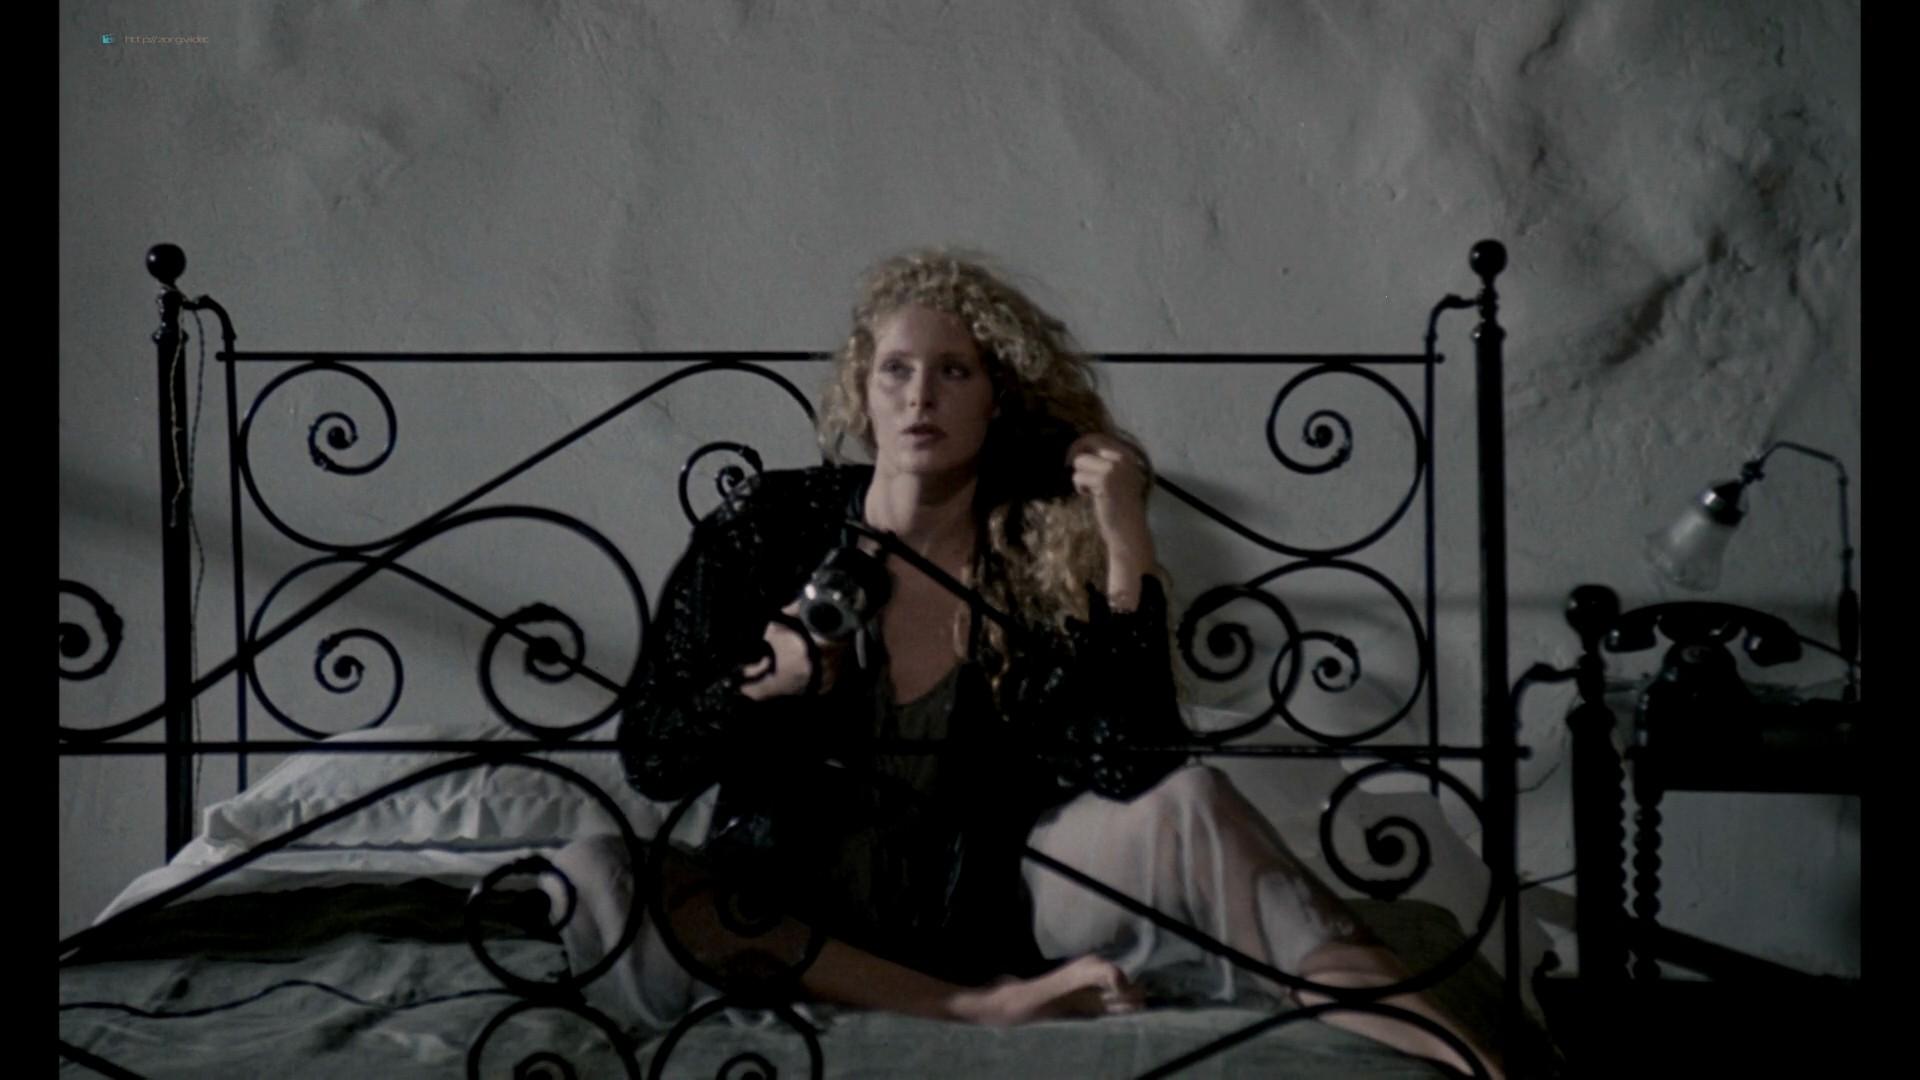 Domiziana Giordano nude topless - Nostalghia (1983) HD 1080p BluRay (7)